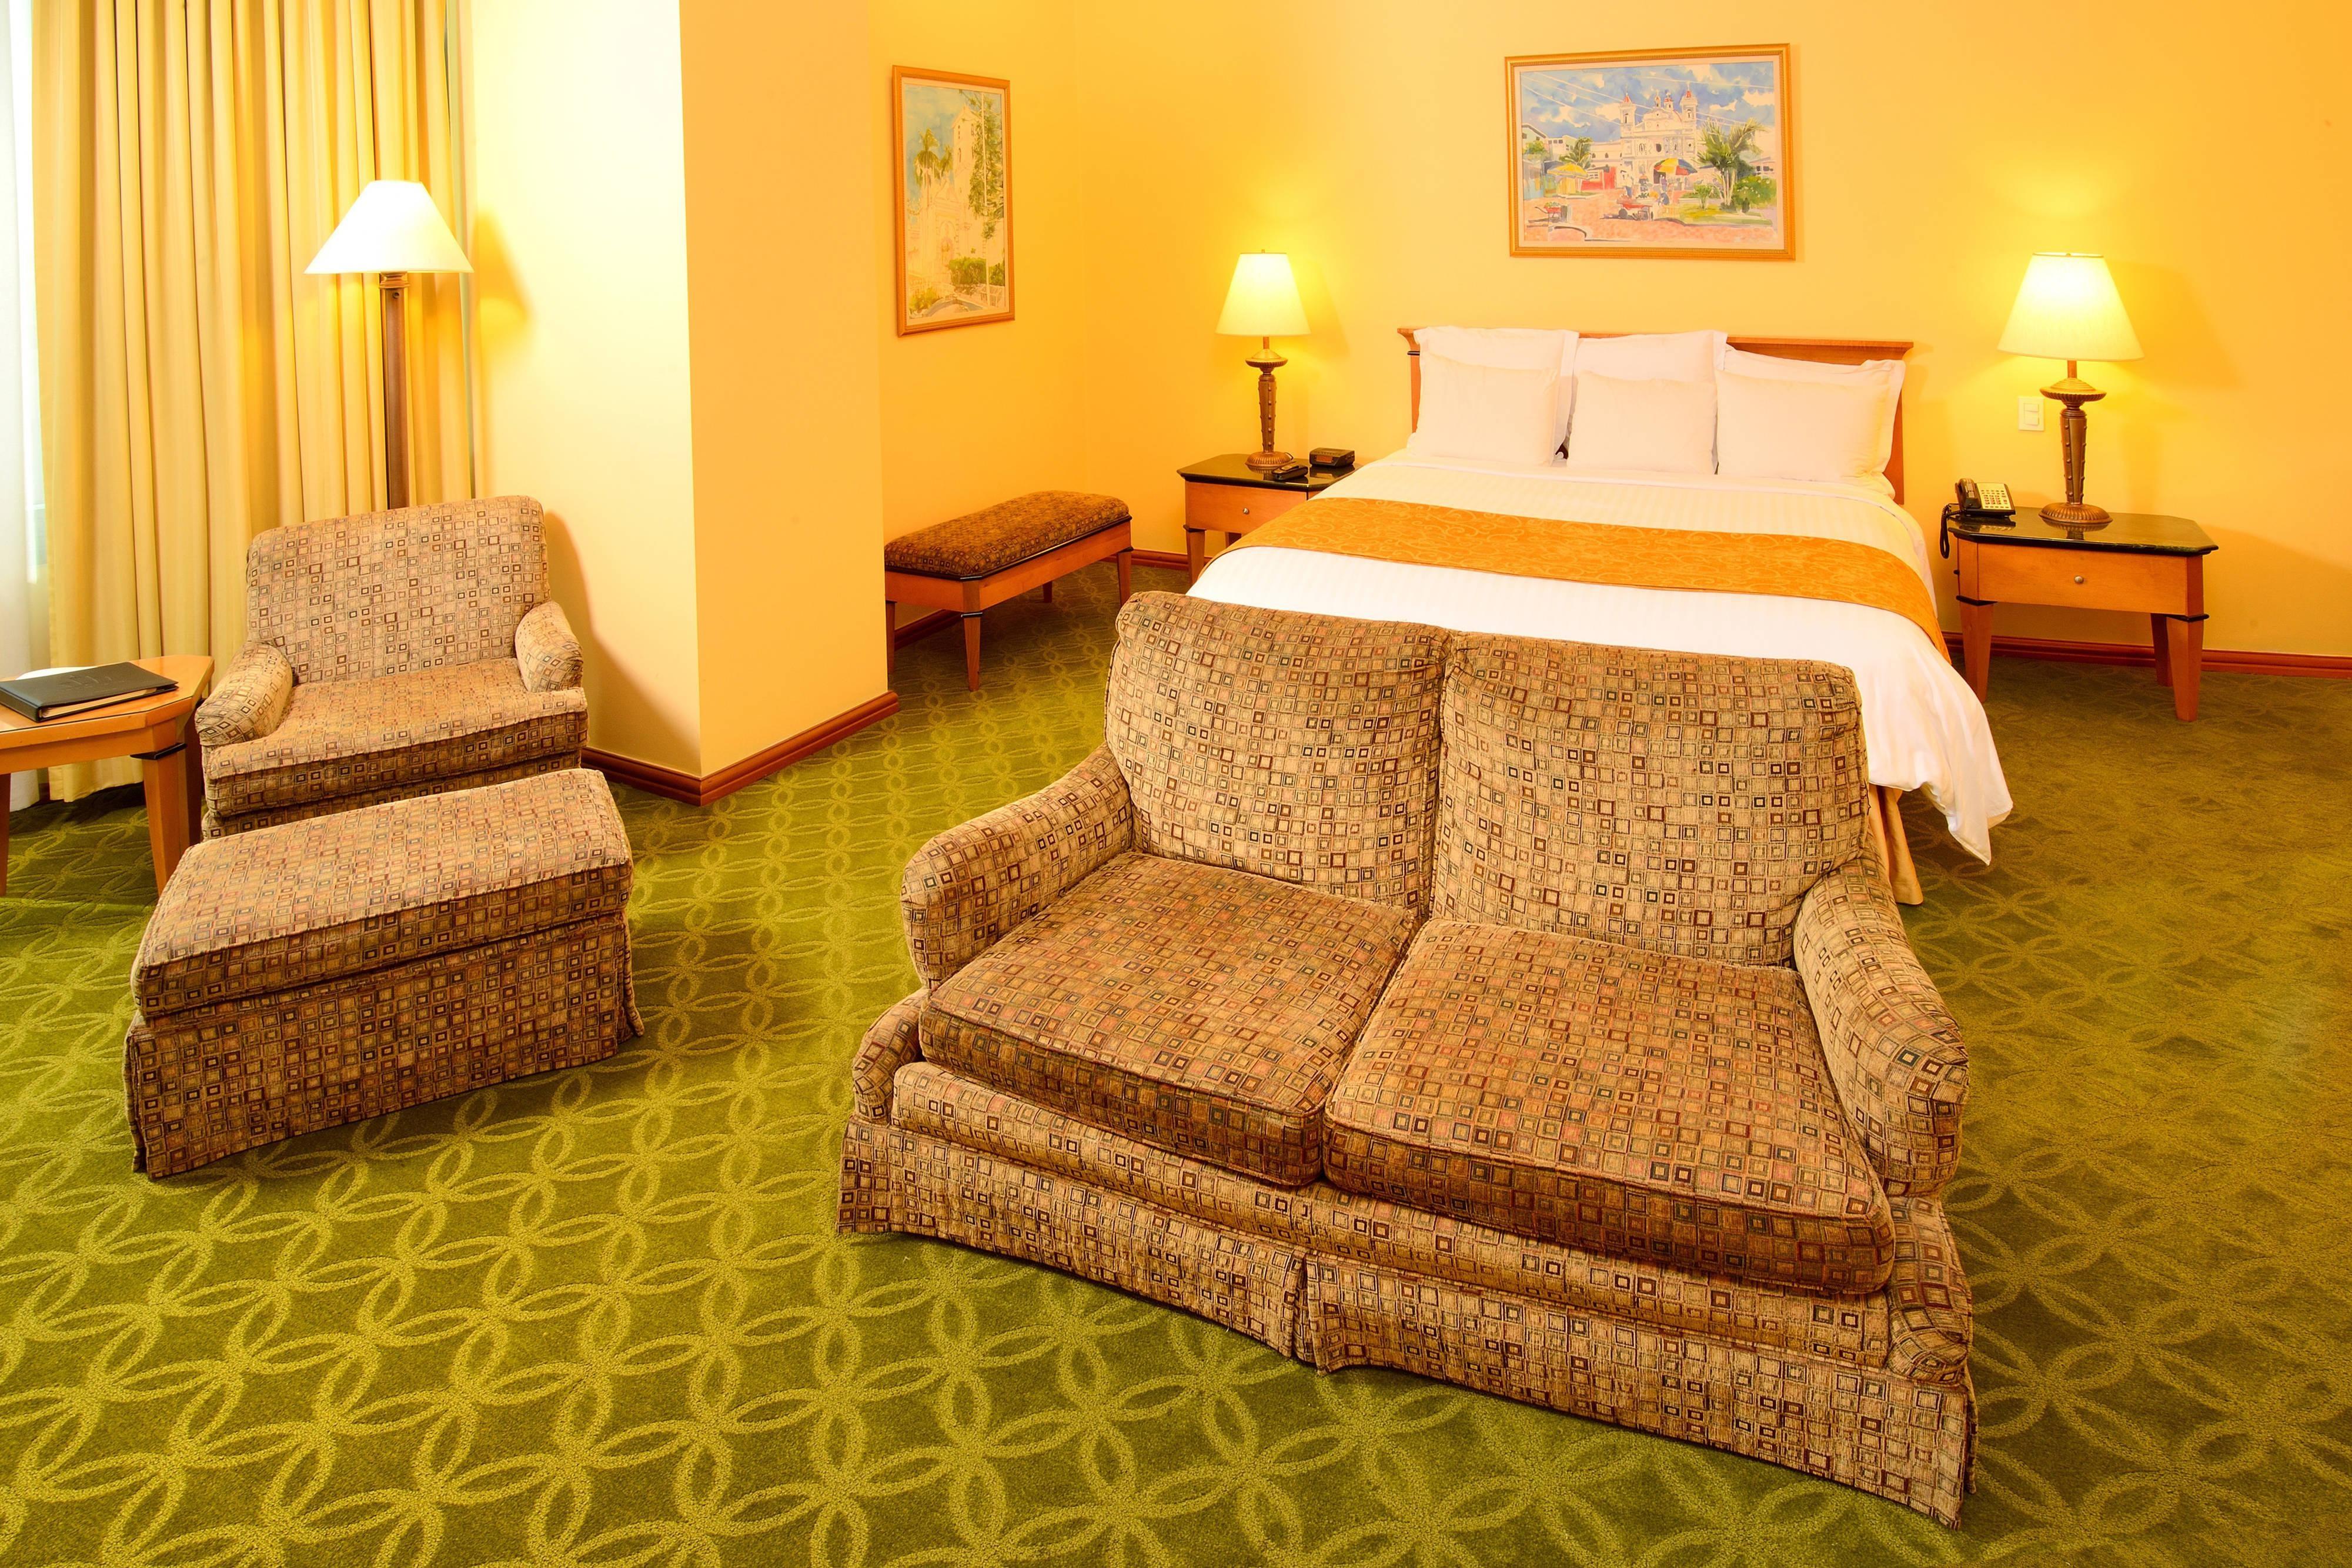 Tegucigalpa Honduras Pictures  Marriott Tegucigalpa Hotel Photo Tour